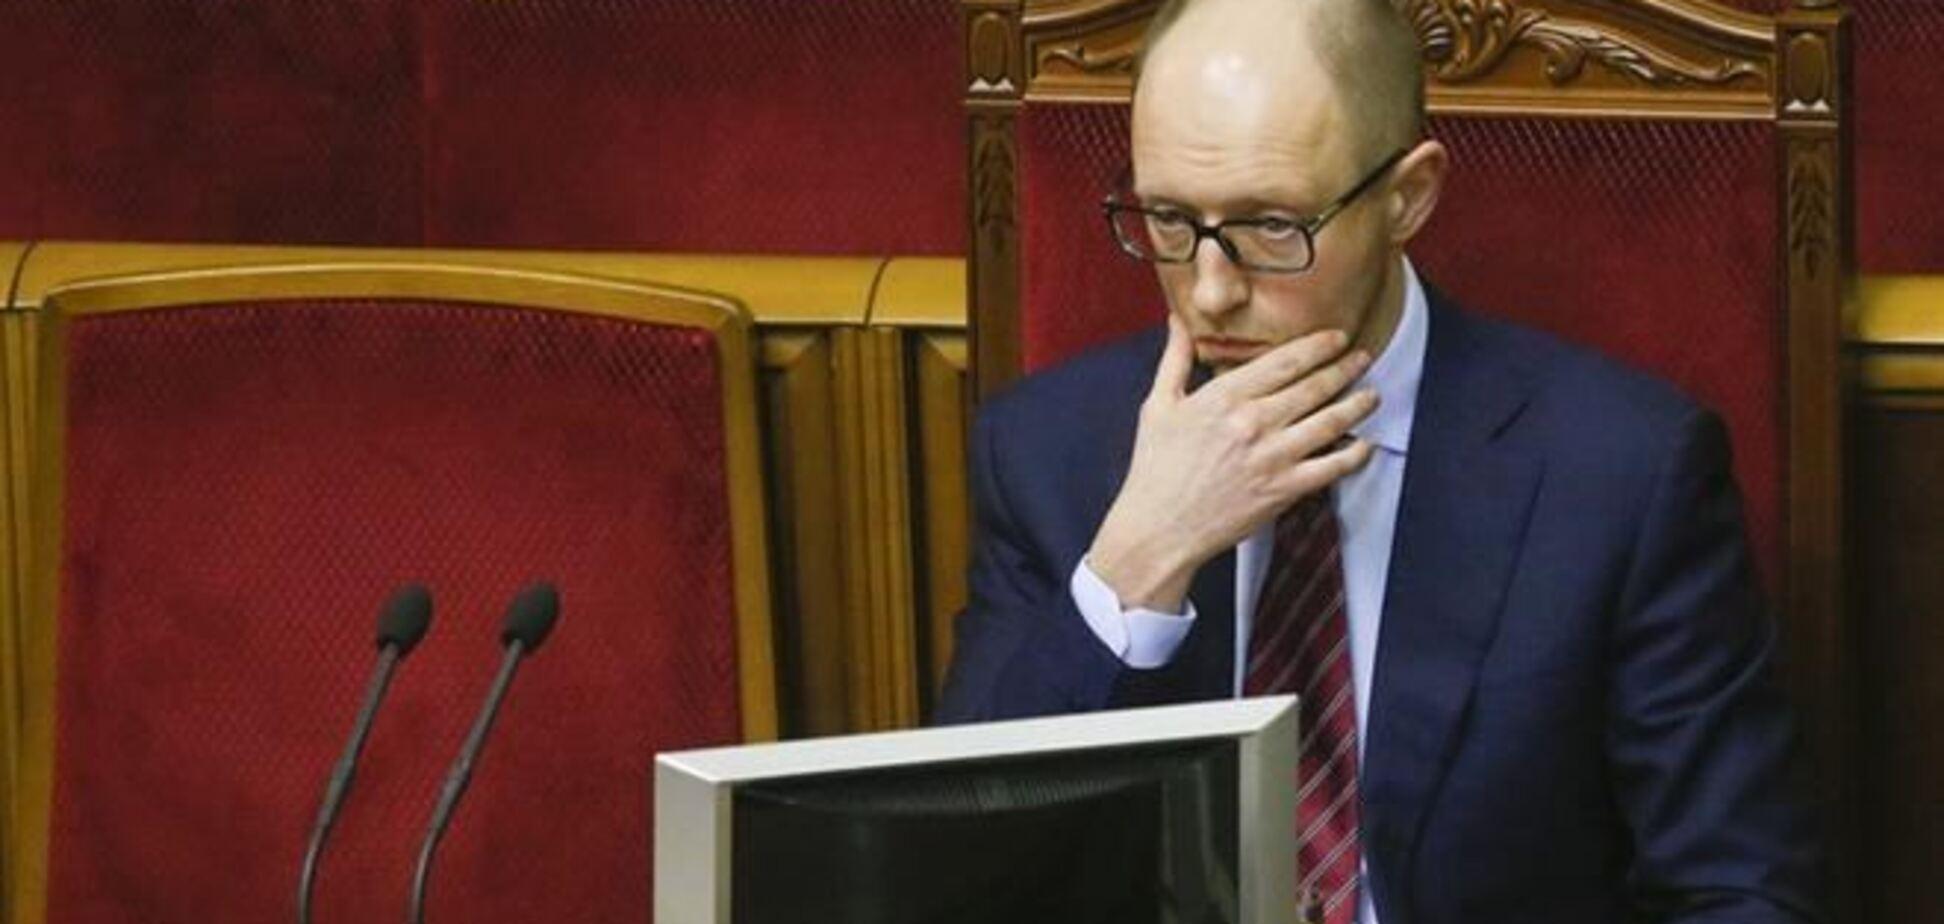 Яценюк пообещал не реагировать на провокации России в Крыму